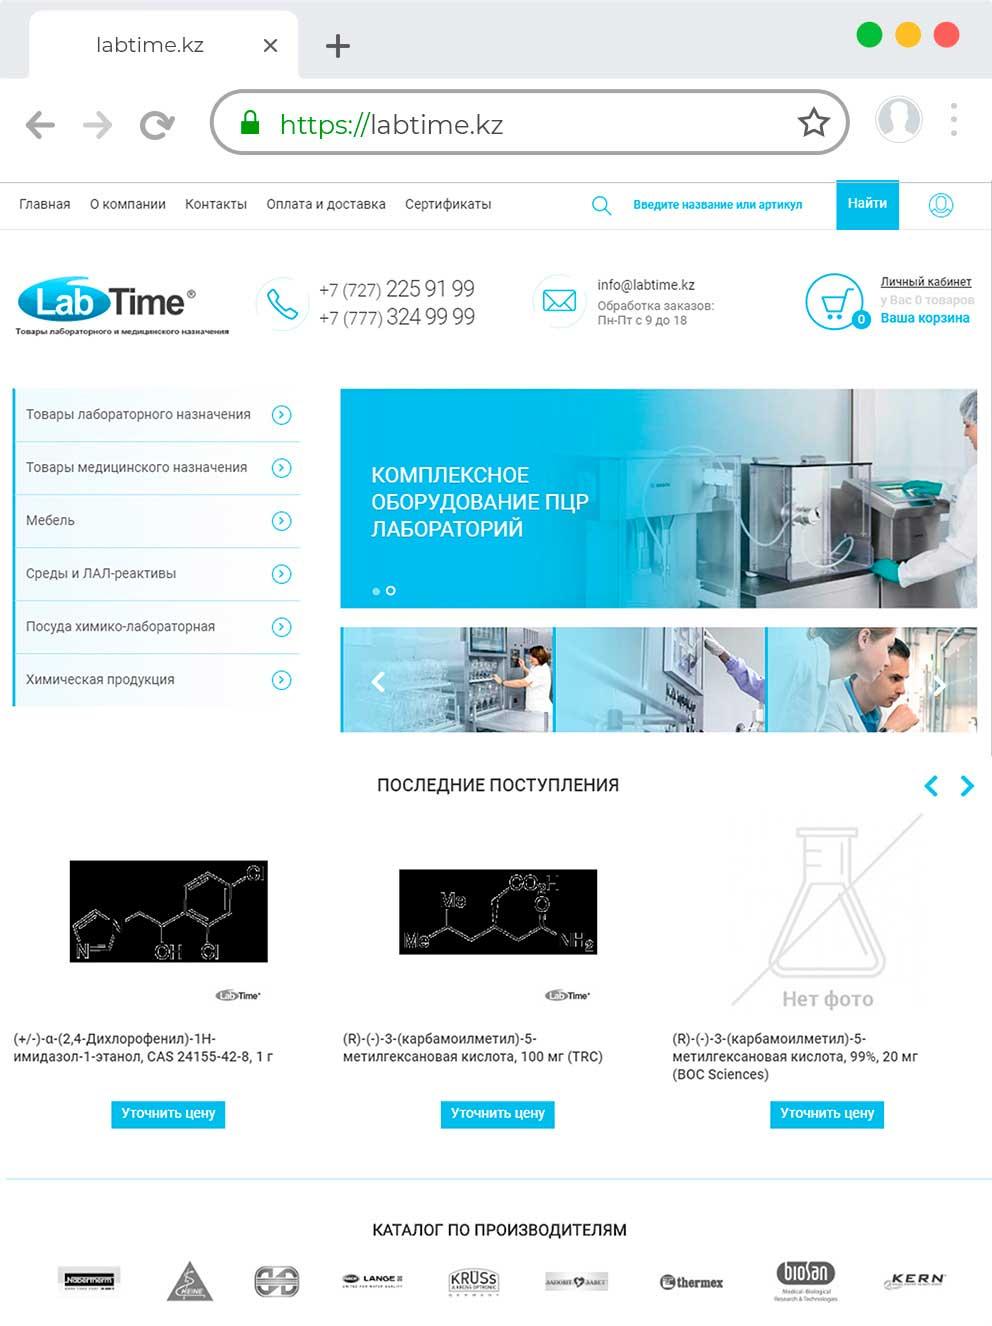 Разработка интернет магазина для крупной медицинской компании в Украине и Ближнего зарубежья